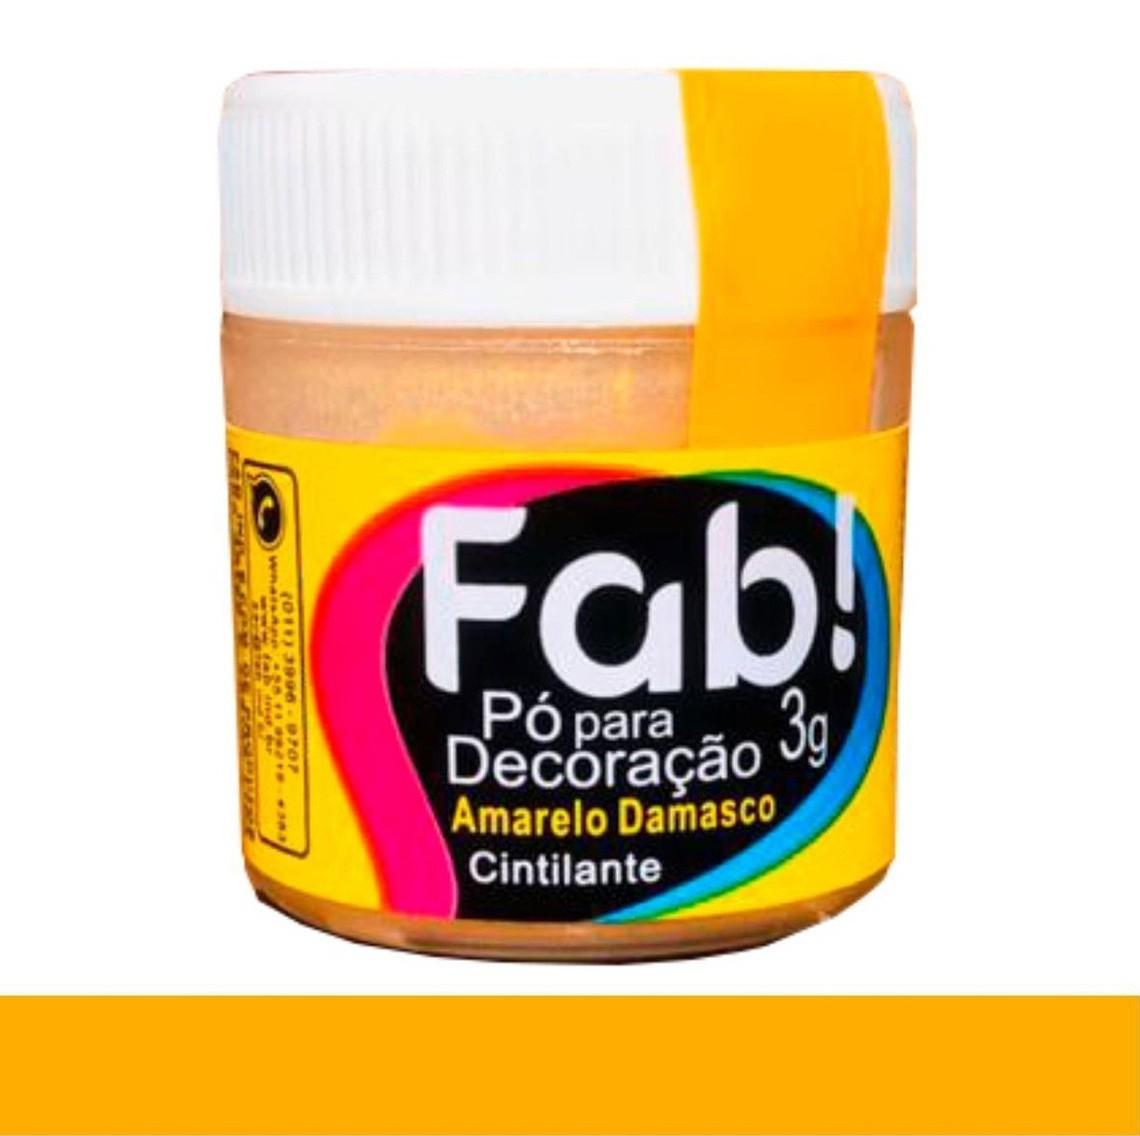 FAB - PÓ DECORAÇÃO CINTILANTE 3G AMARELO DAMASCO